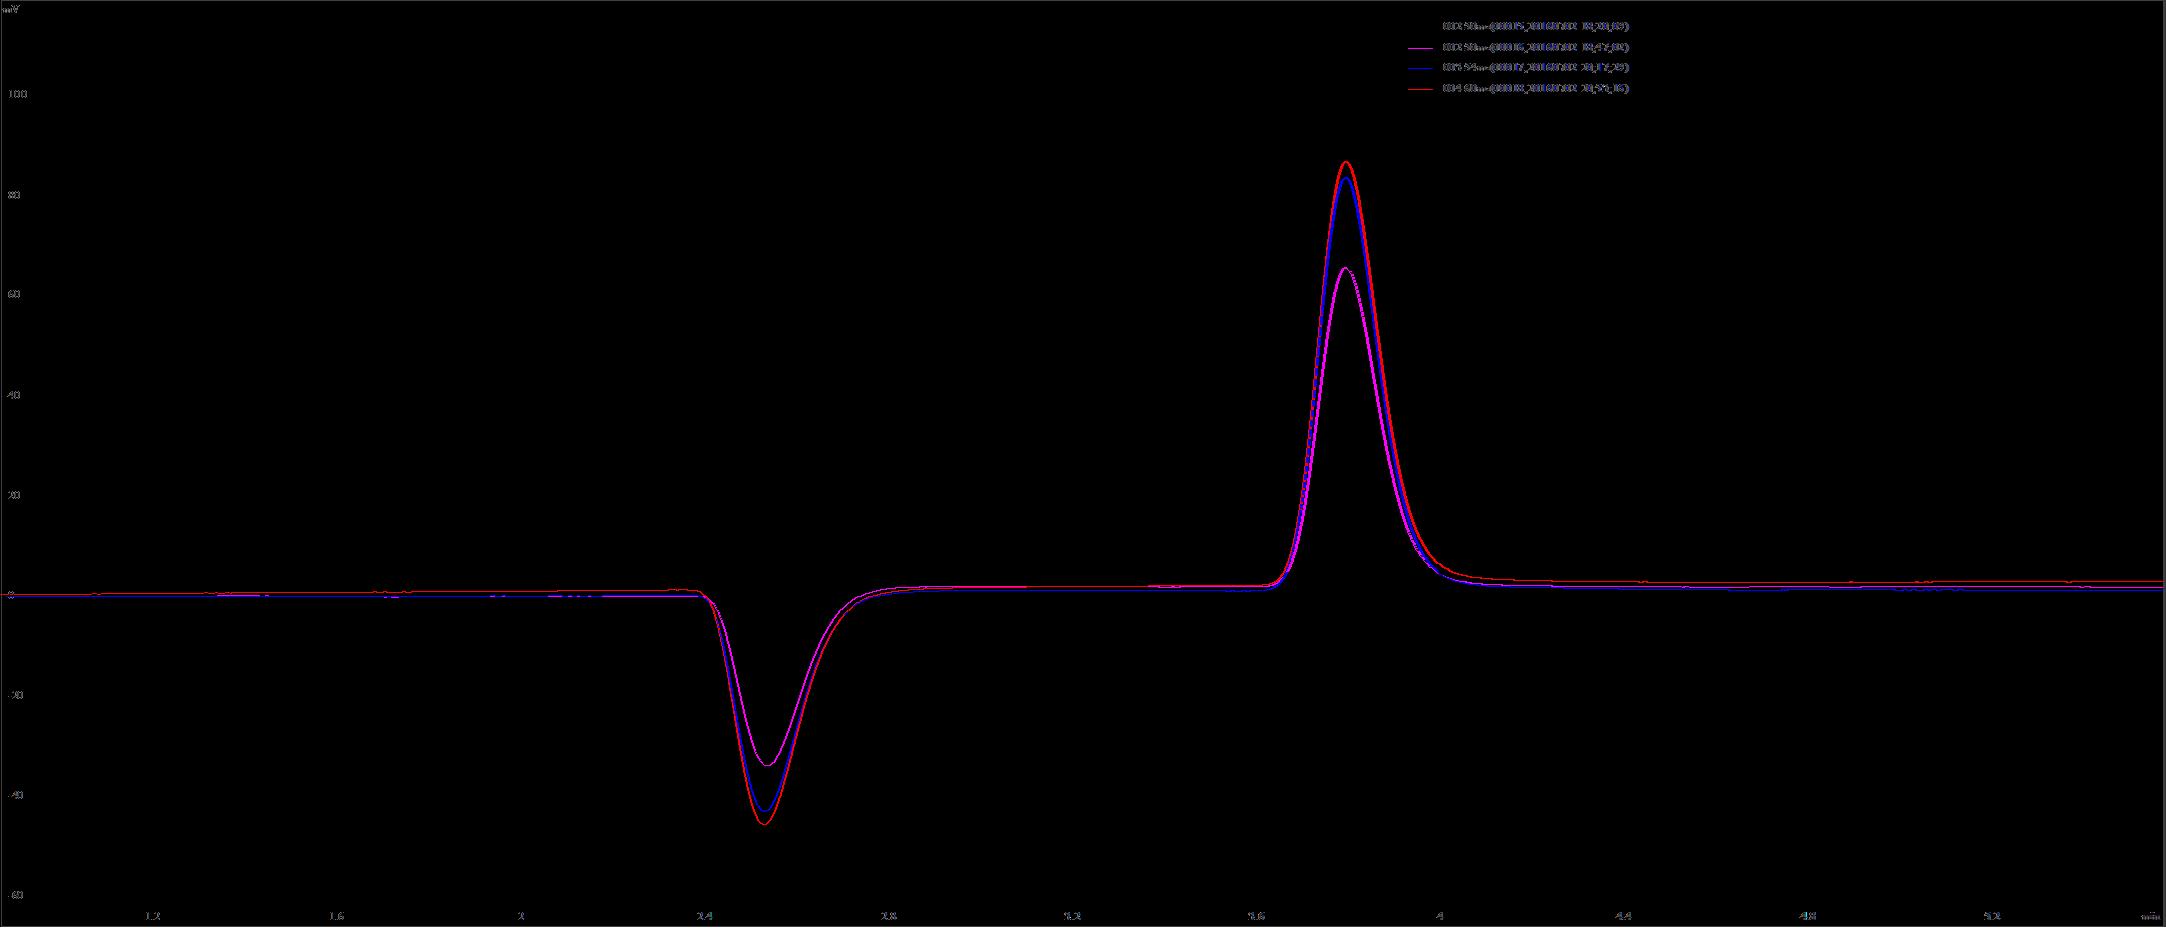 离子色谱进样峰越来越高